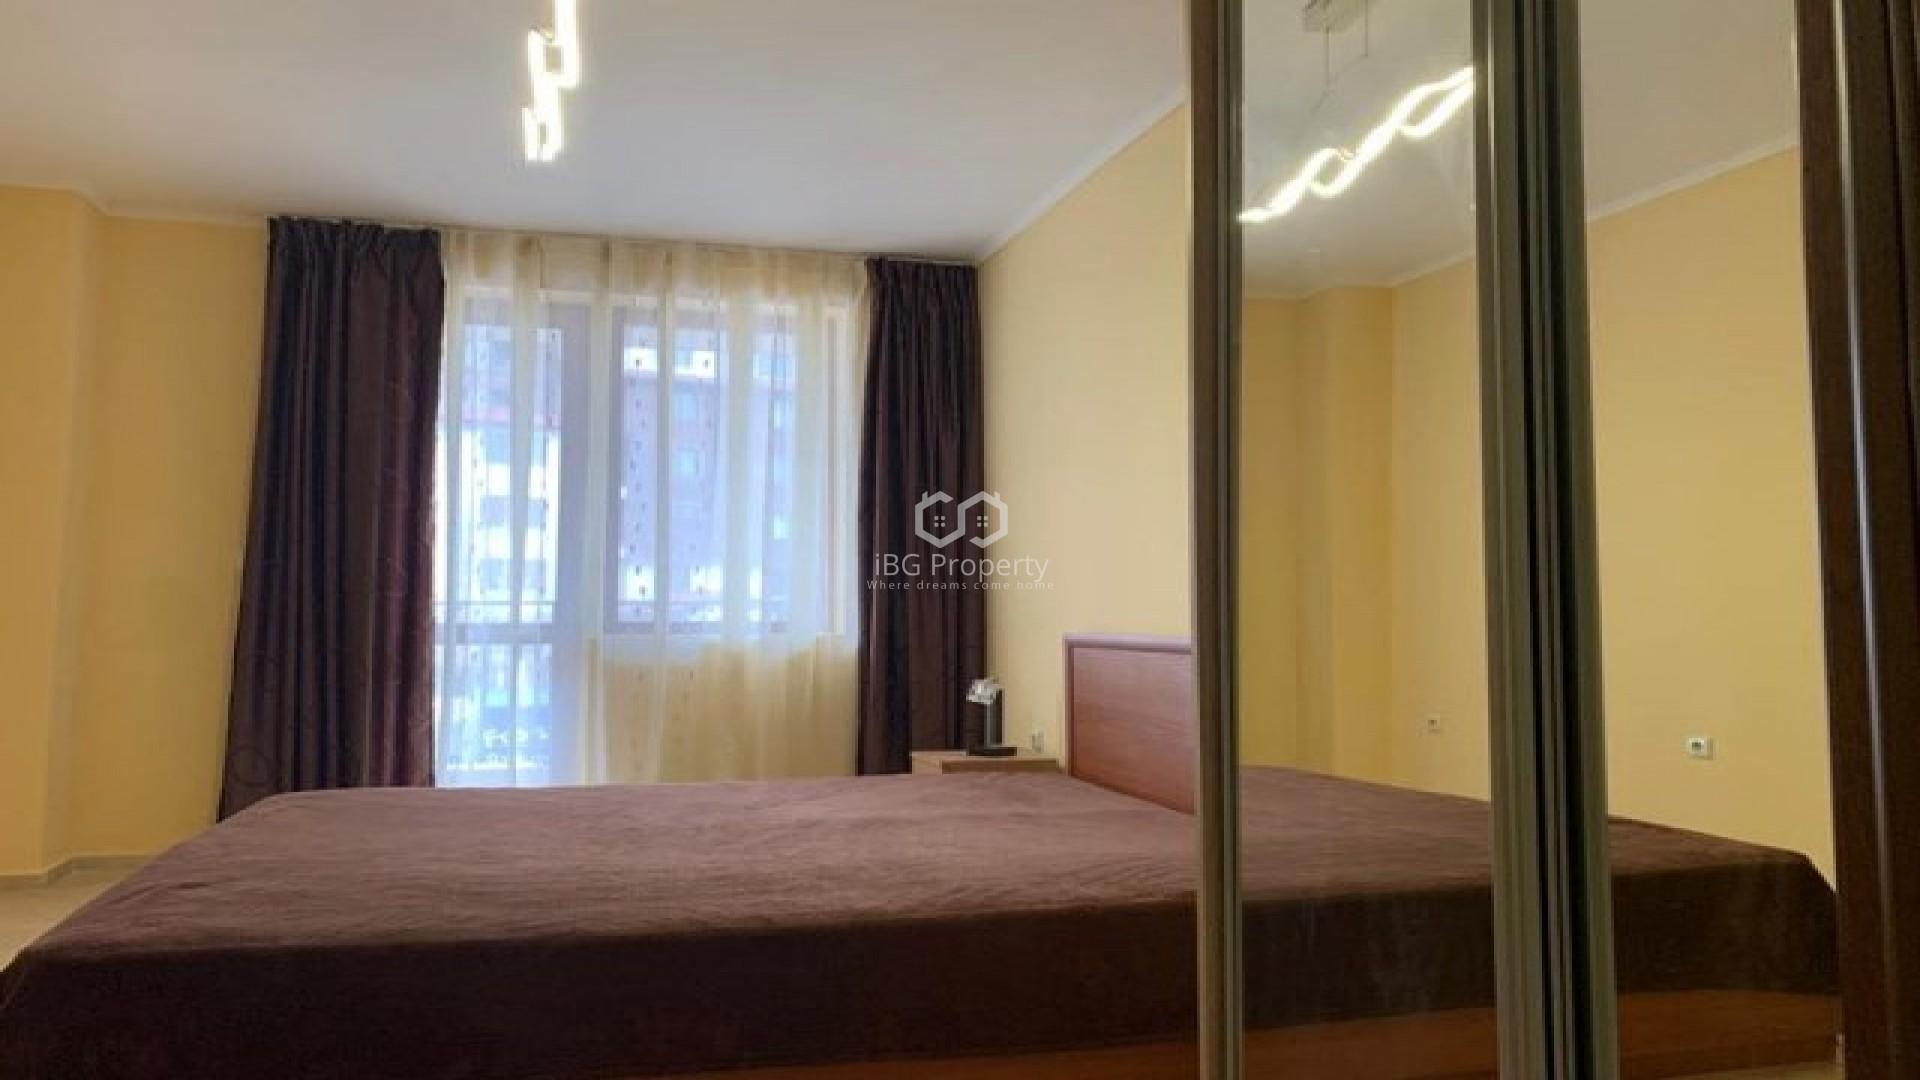 Tристаен апартамент Несебър 82 m2